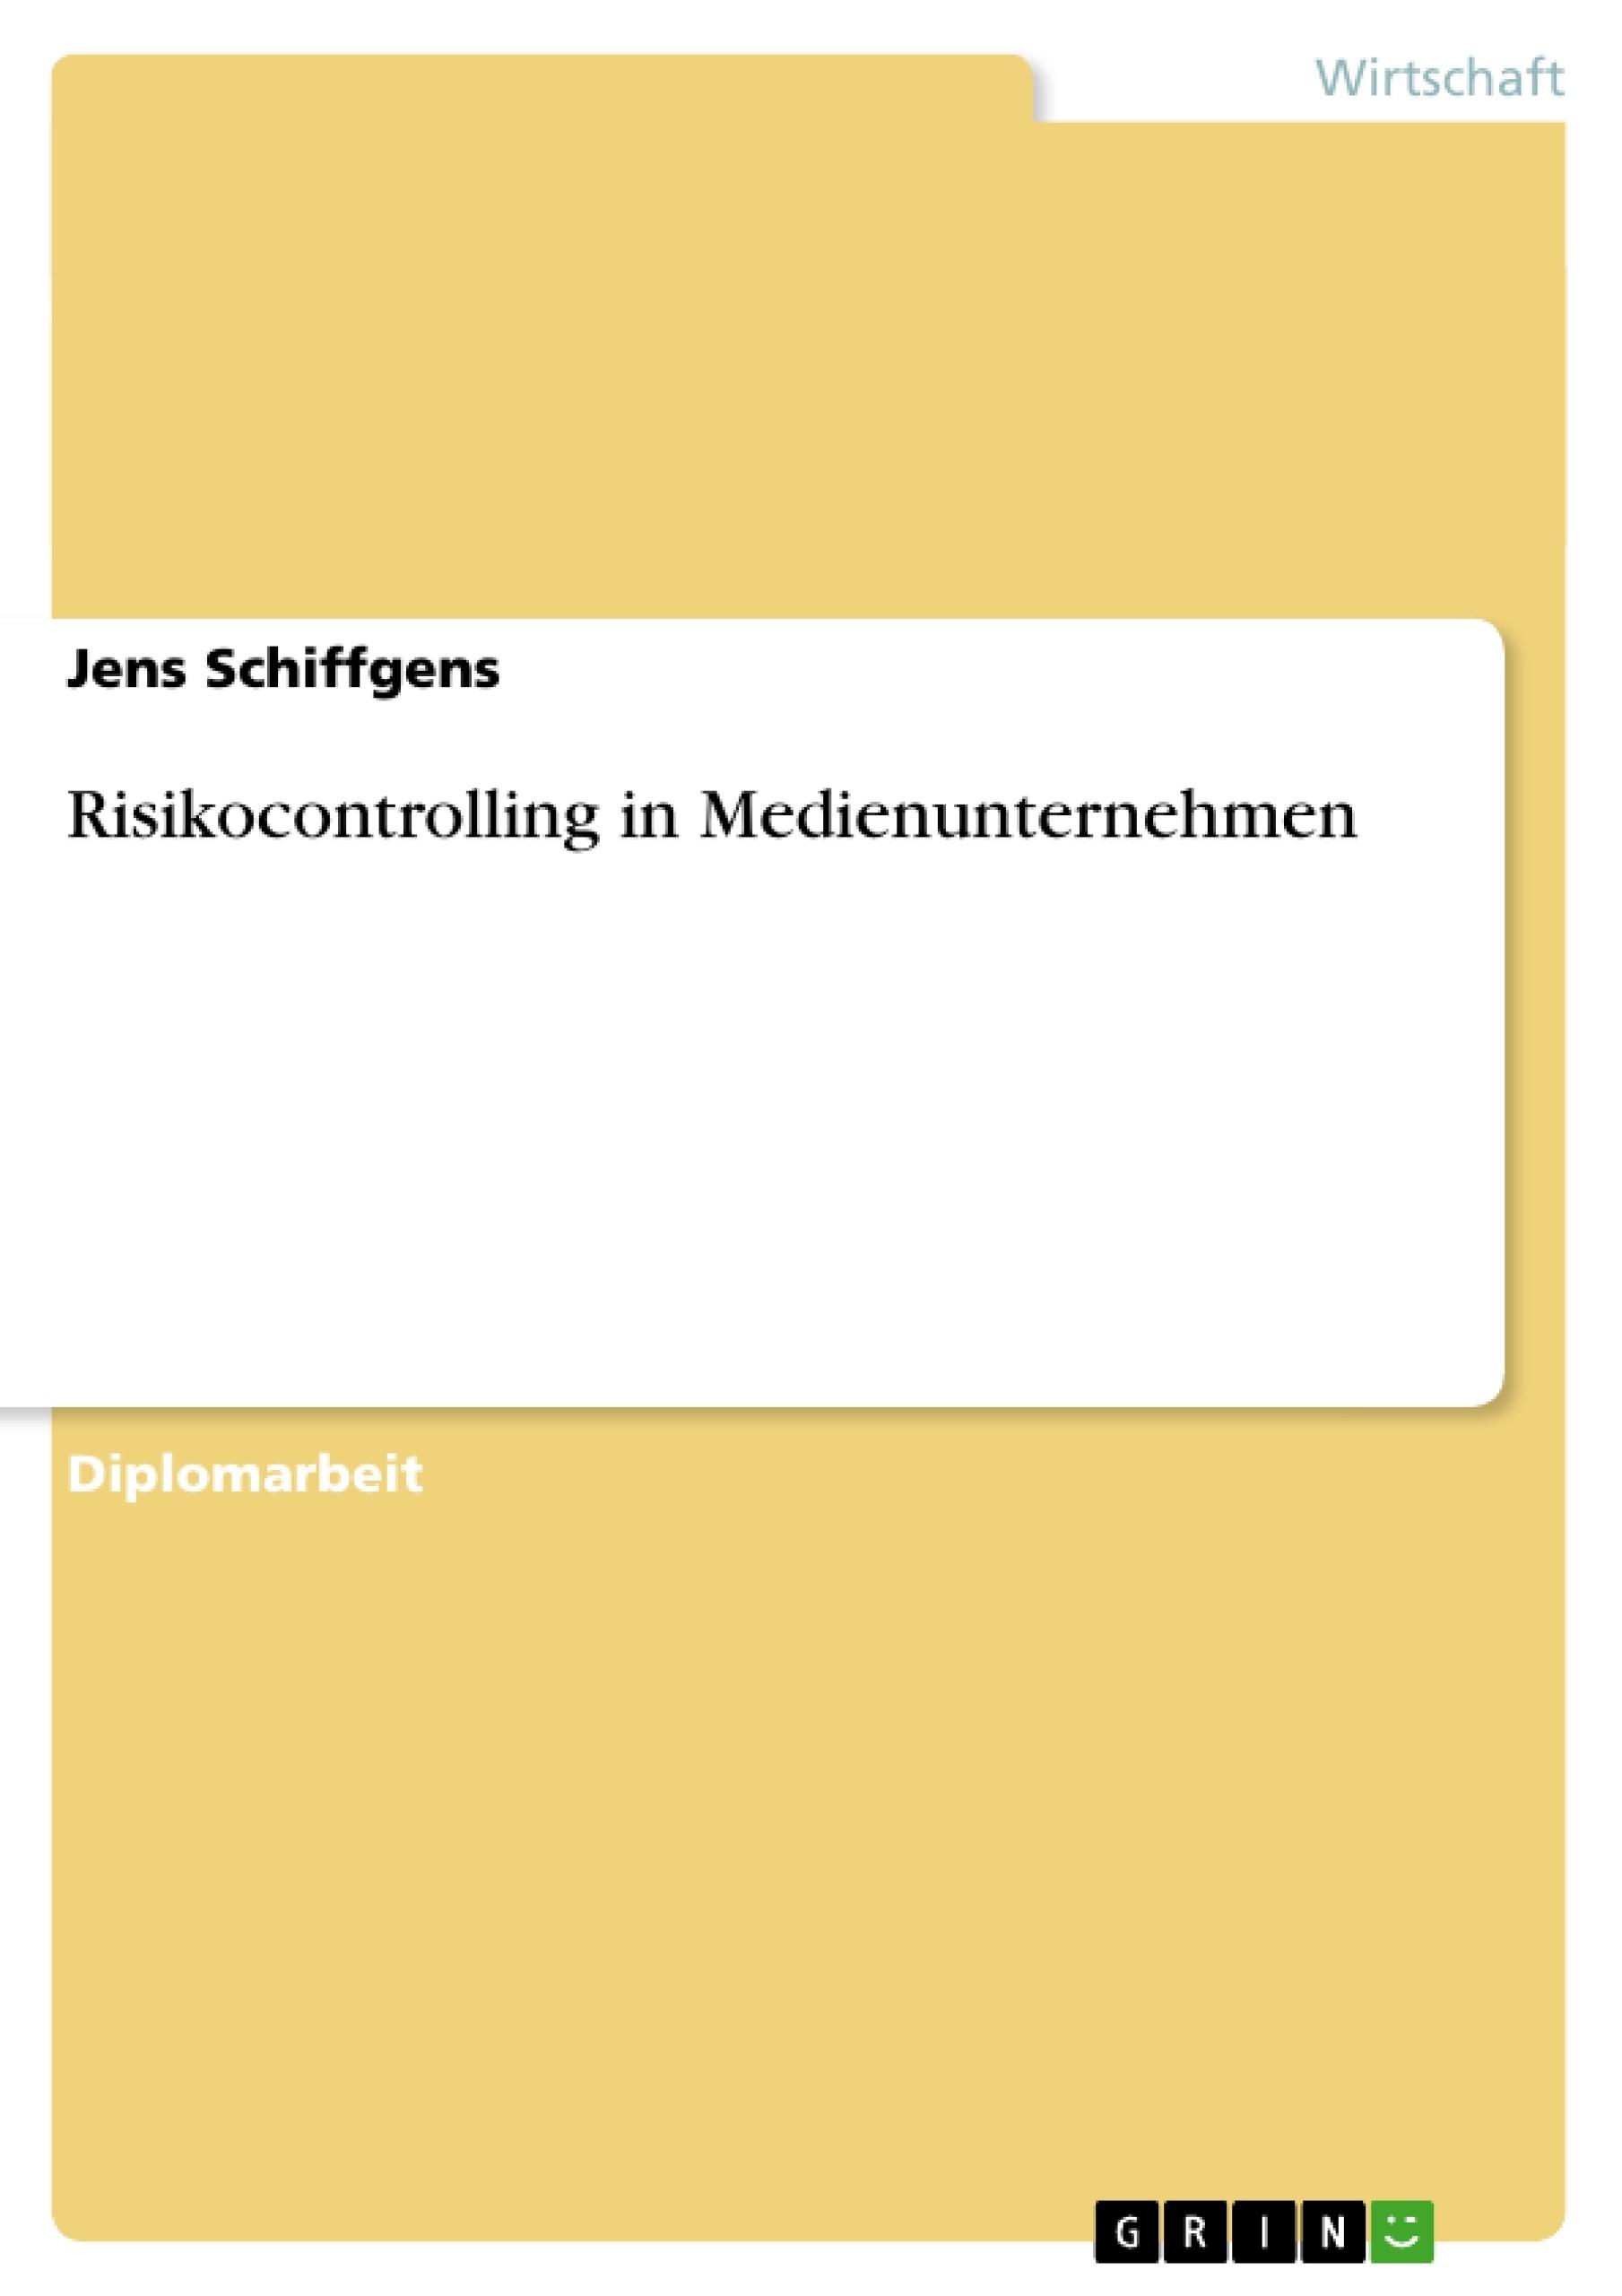 Titel: Risikocontrolling in Medienunternehmen